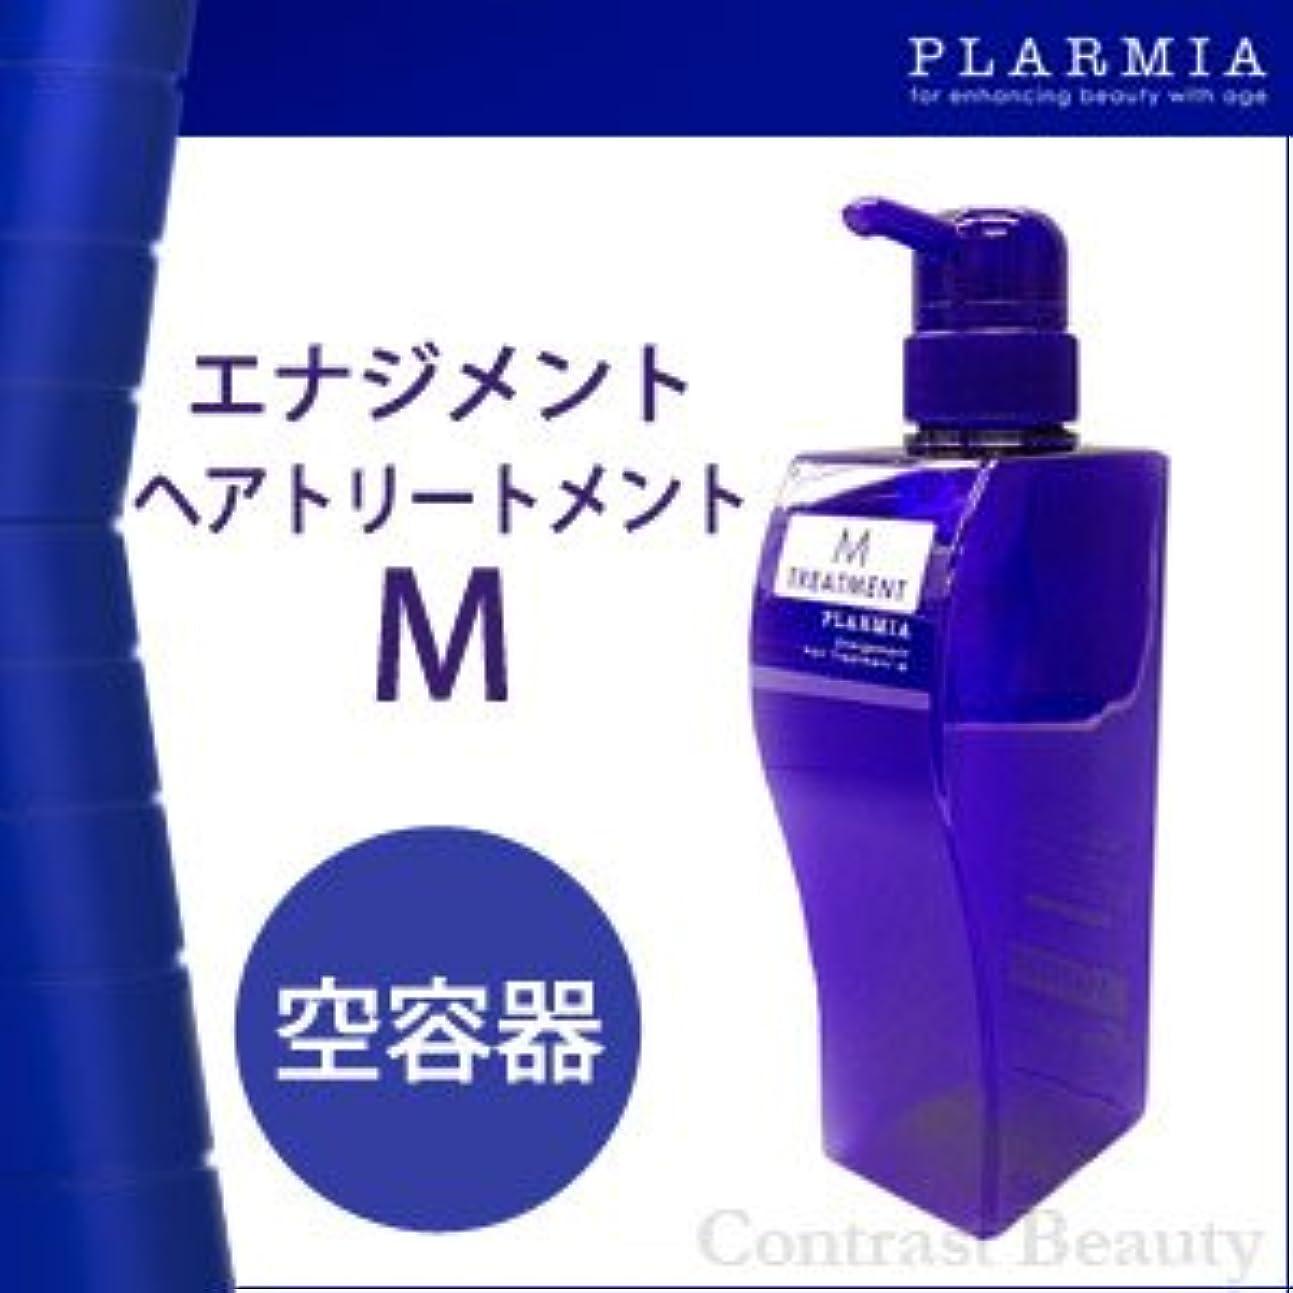 隣接する肉腫前進【X3個セット】 ミルボン プラーミア エナジメントヘアトリートメントM 空容器